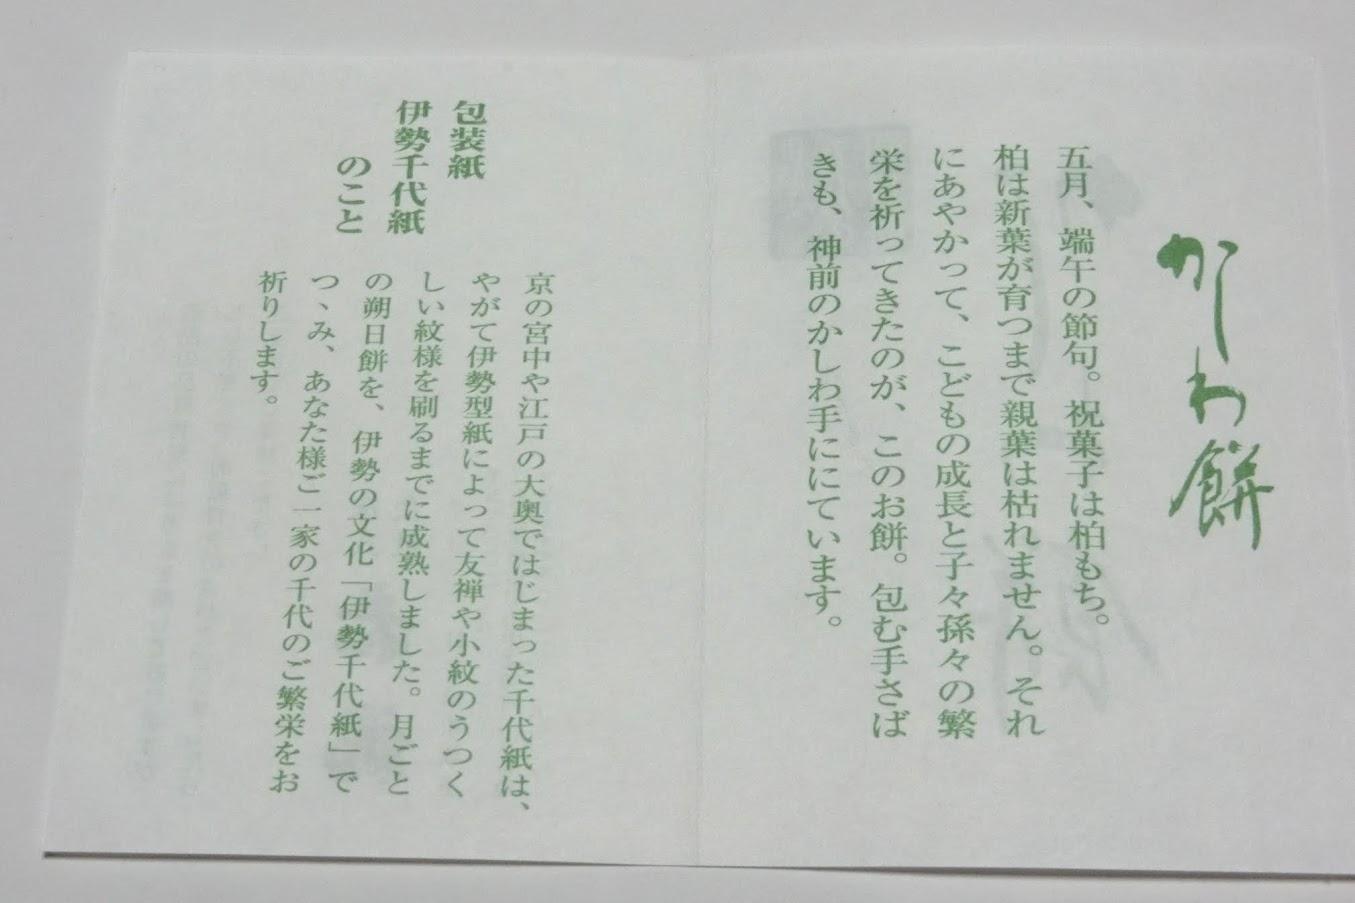 赤福朔日餅かしわもちと伊勢千代紙説明